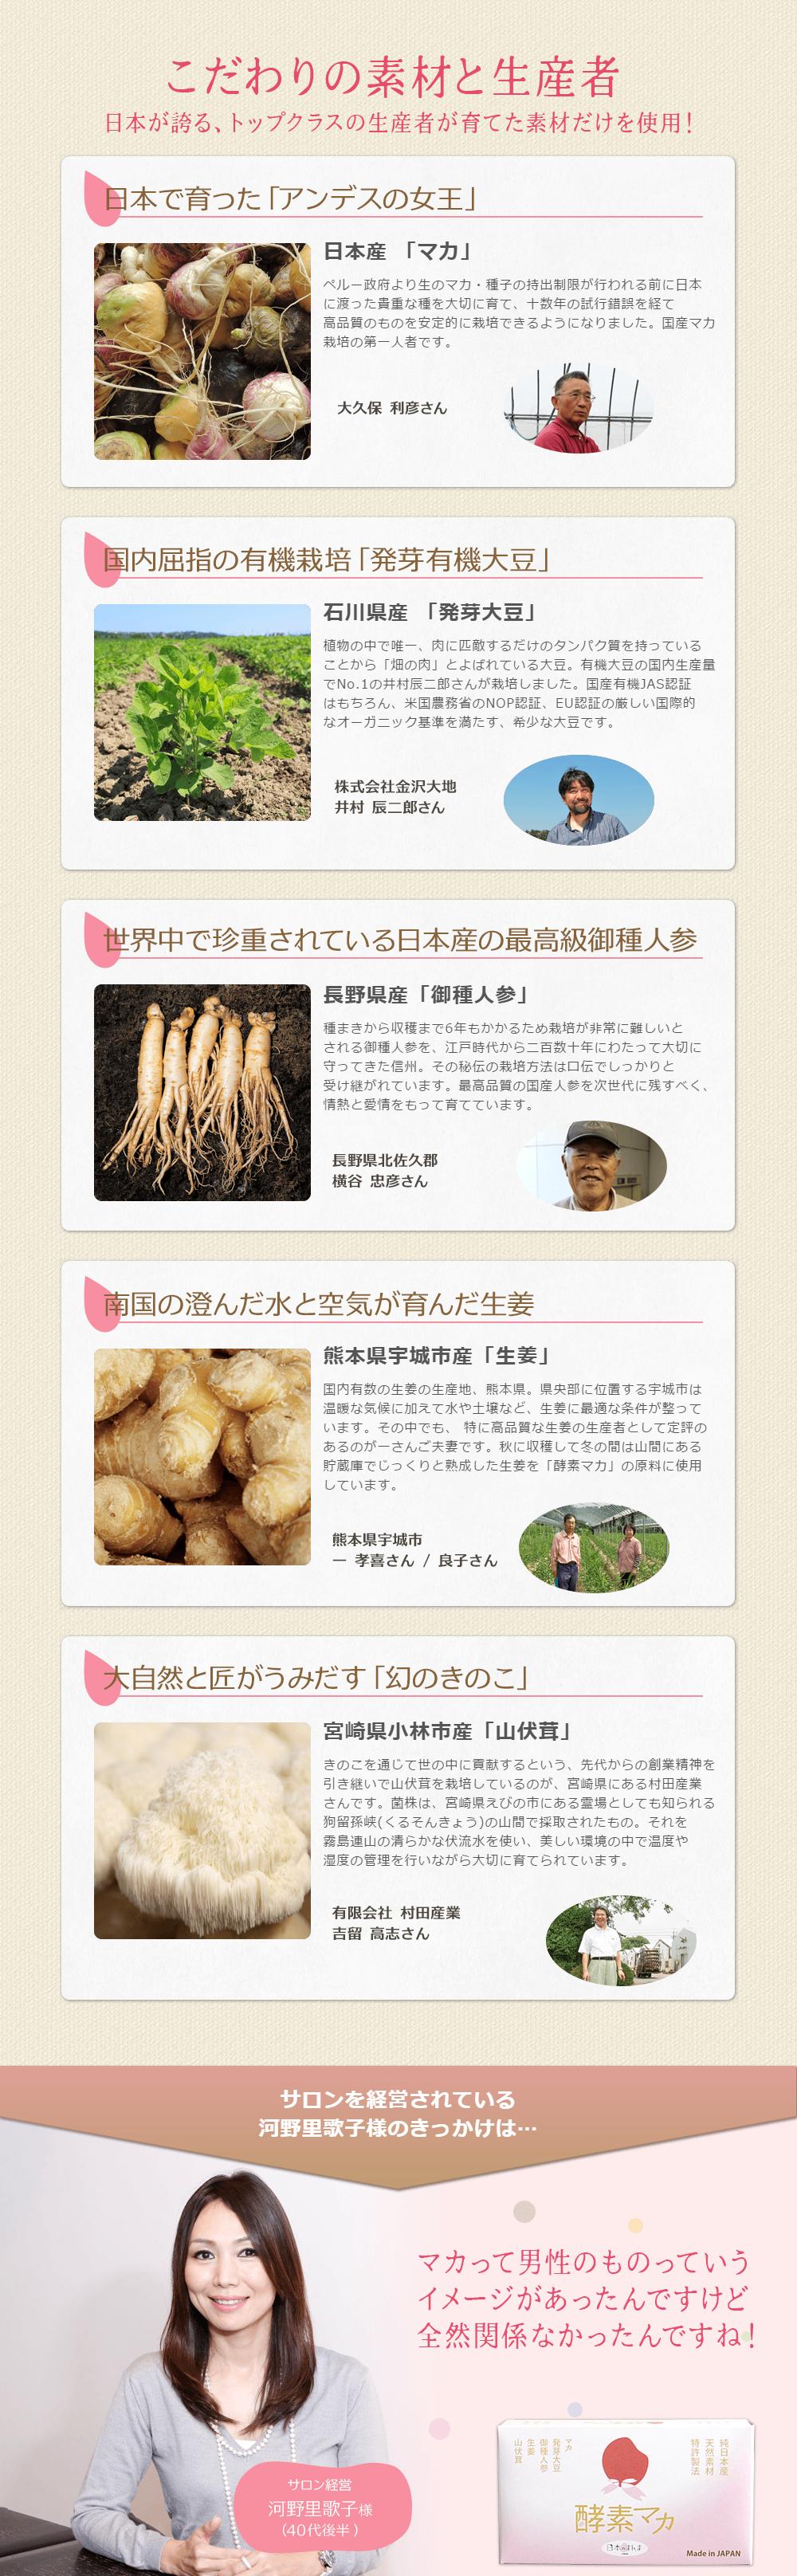 ママ活・妊活サプリ【酵素マカ】の効果と実績について07